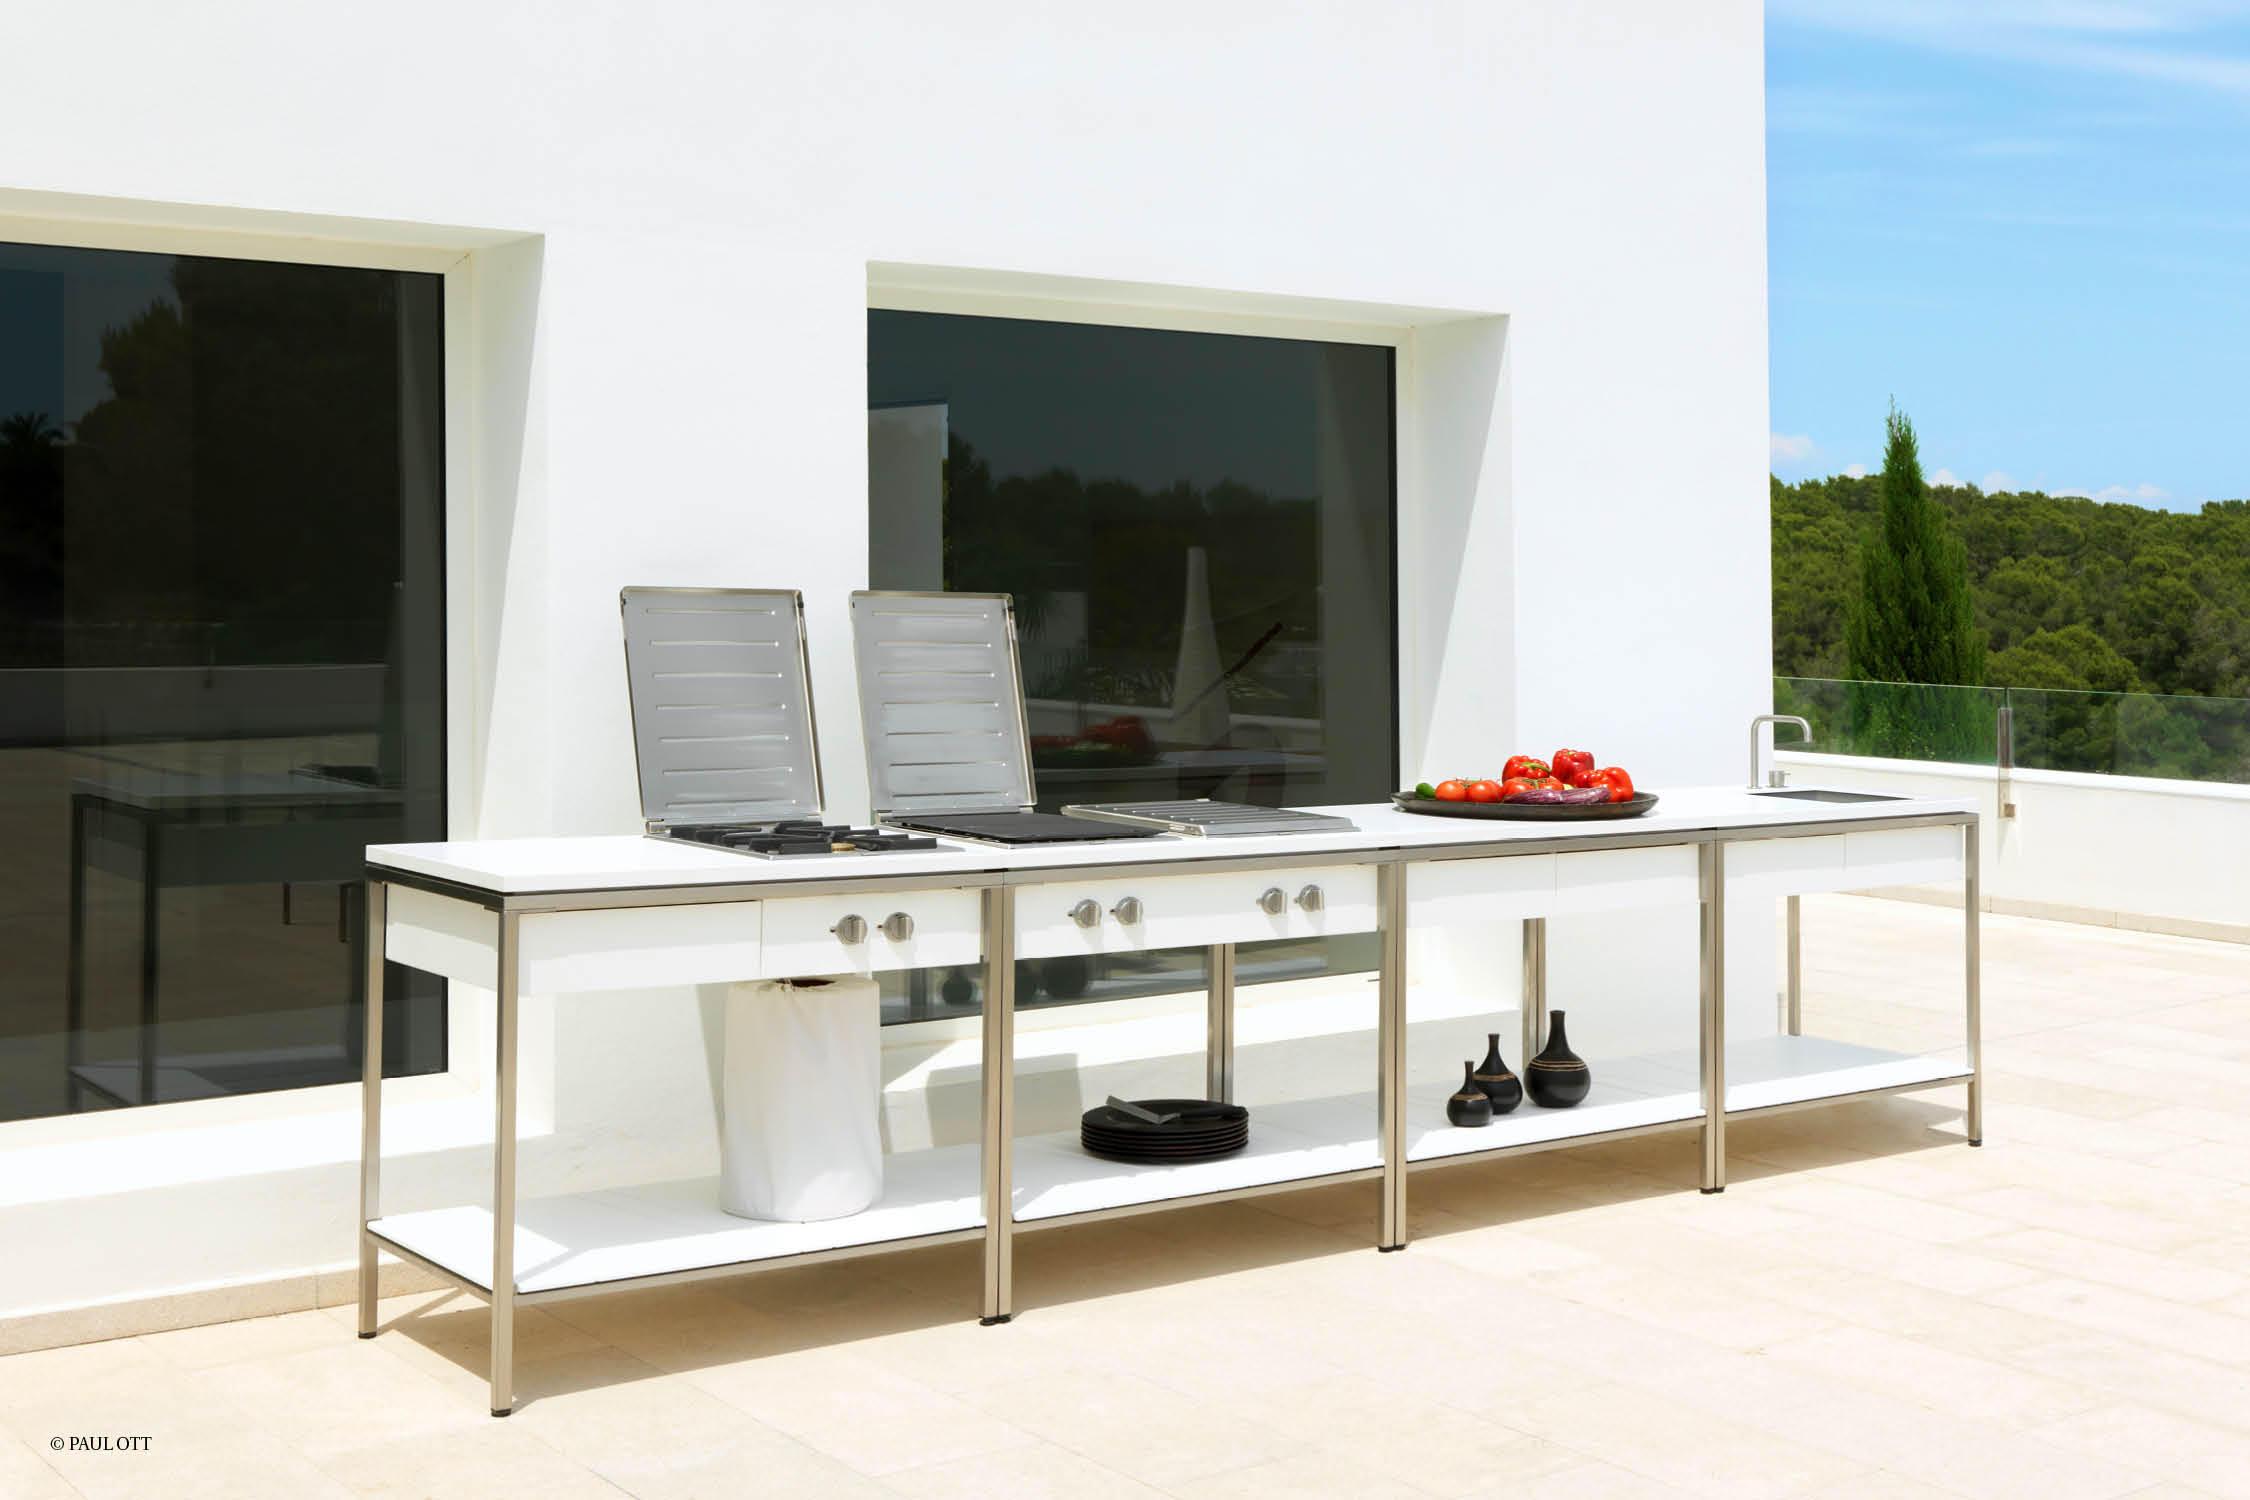 Outdoor Küchen Katalog : Outdoor kitchen tisch teak stehtische von viteo architonic